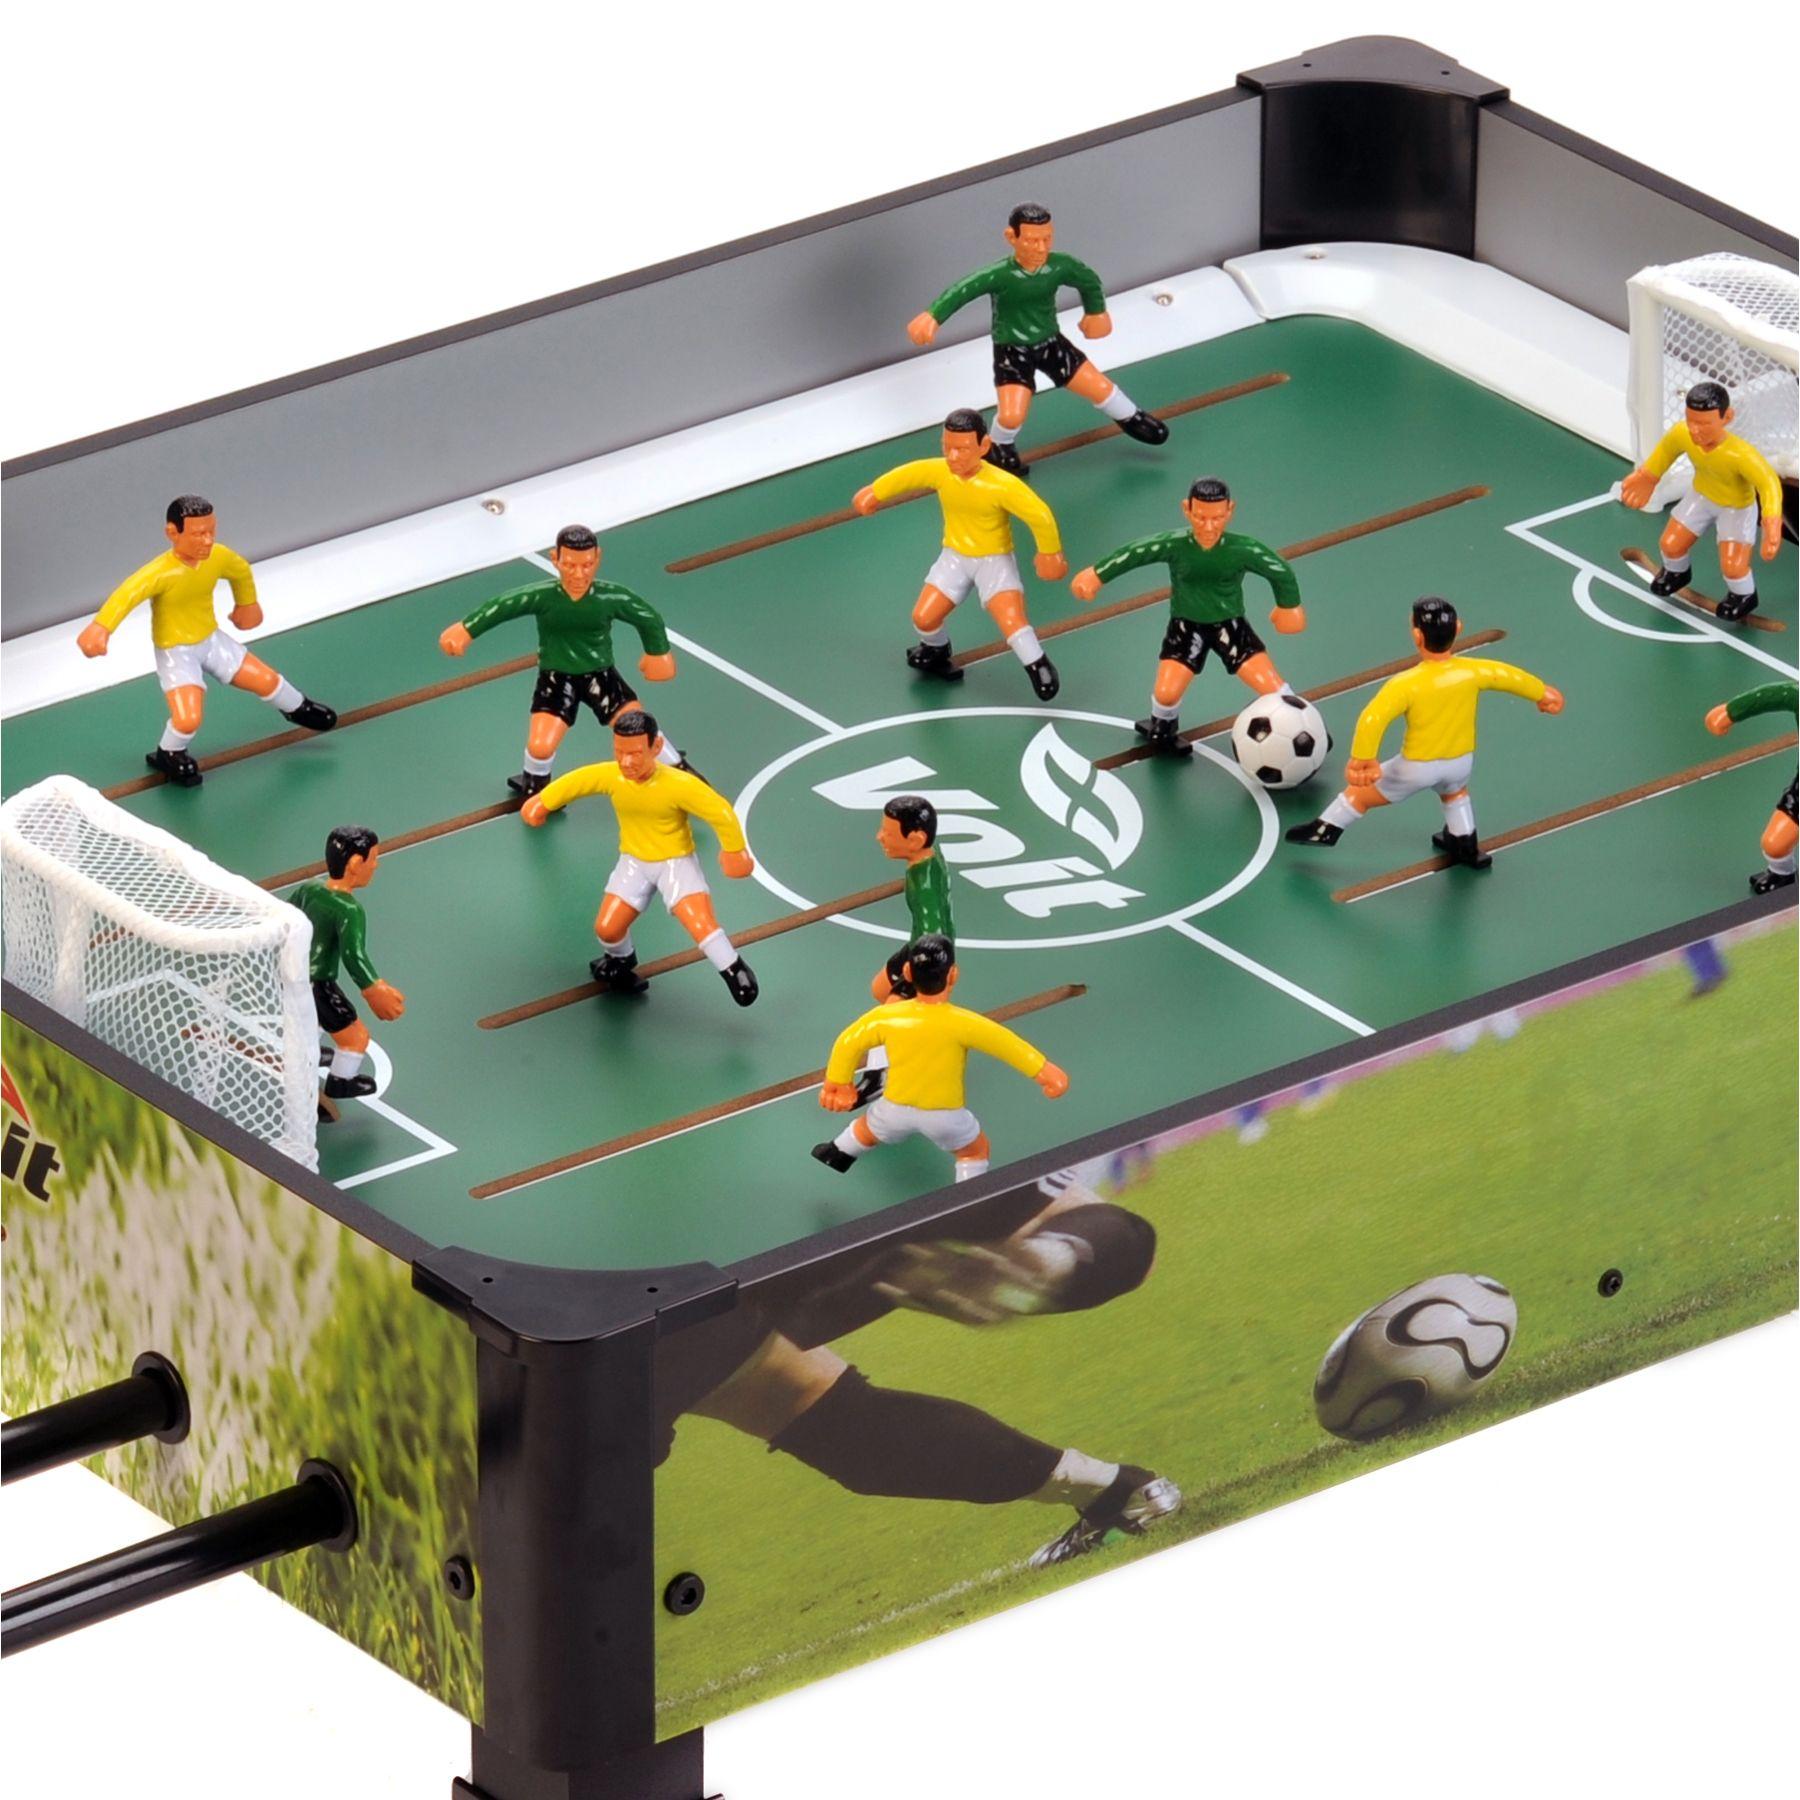 Table games påskbonus - 57331